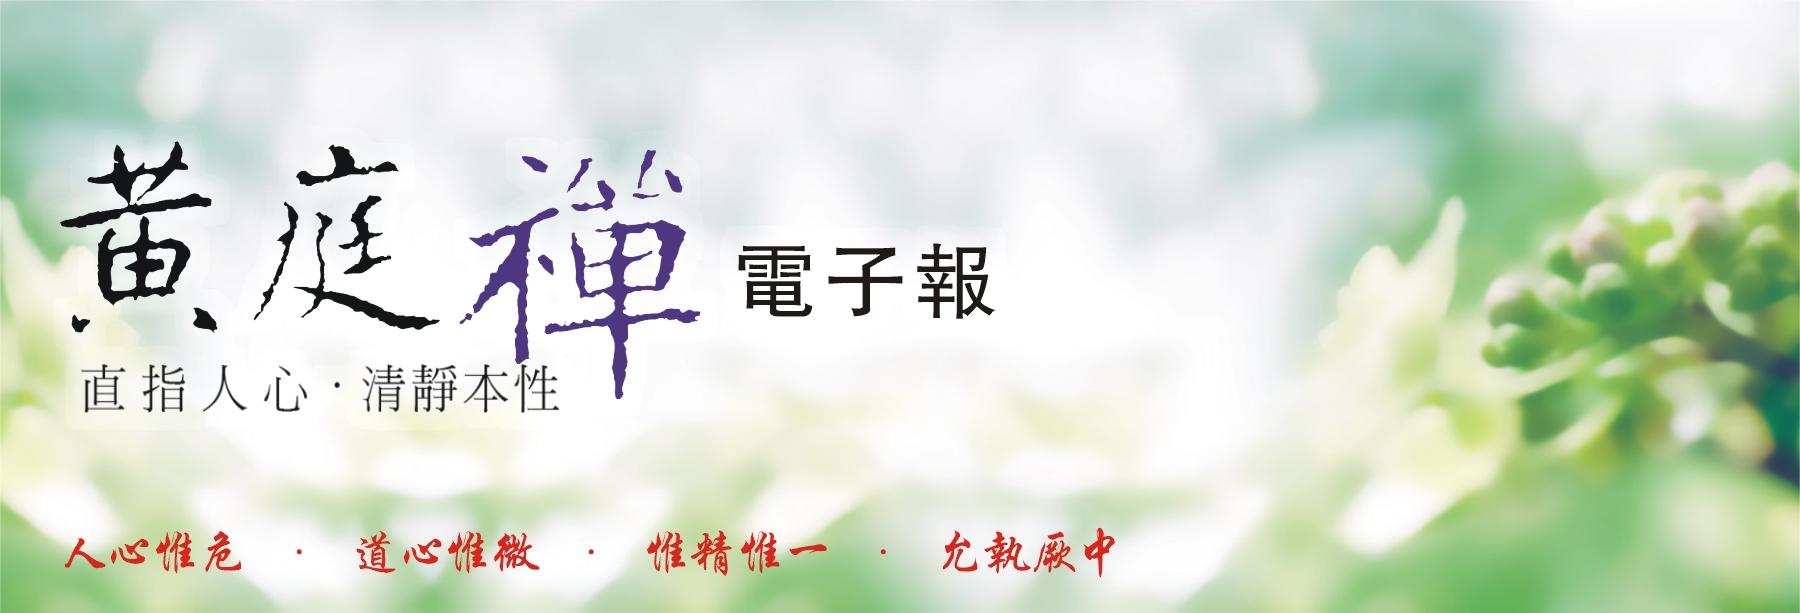 中華黃庭禪學會2015.06.21電子報